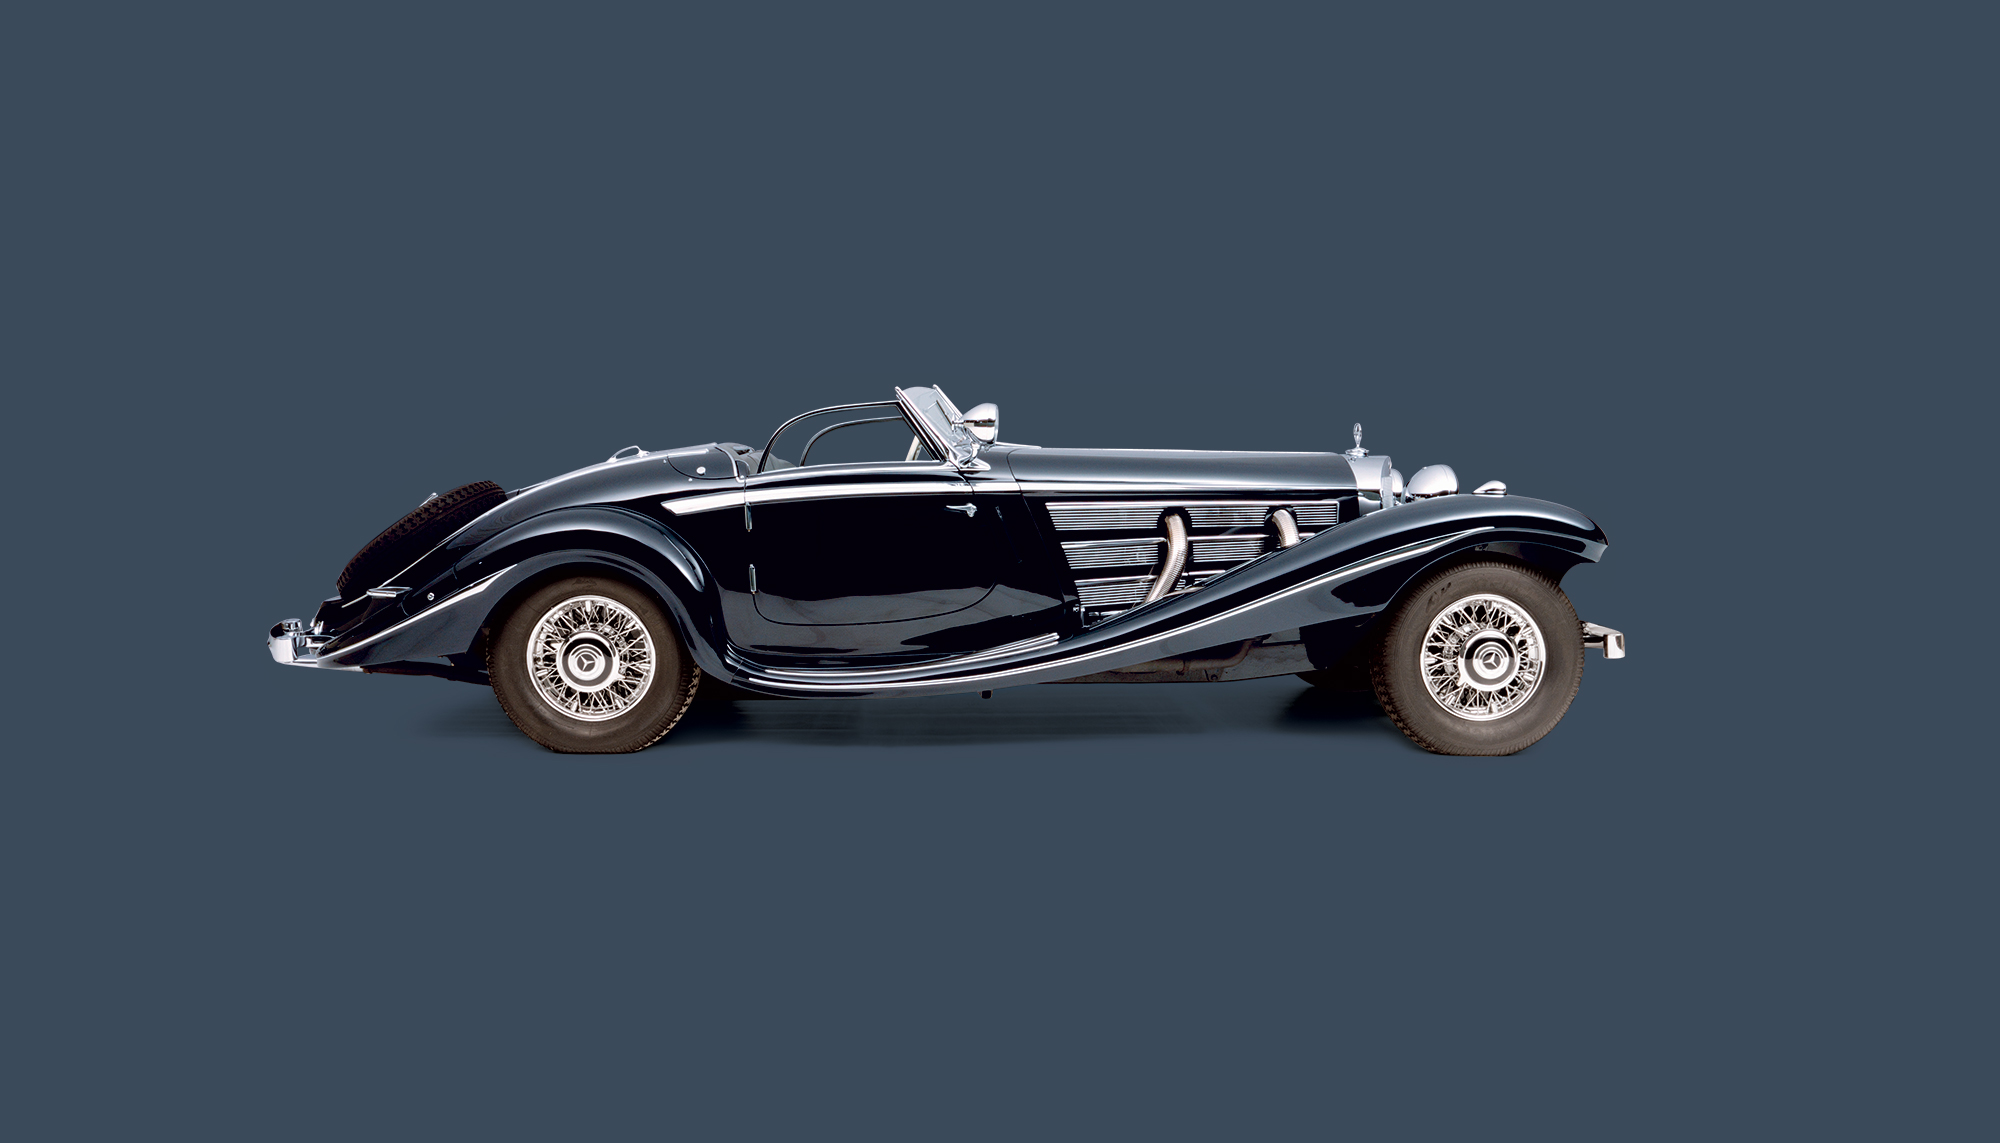 Bekijk Mercedes-Benz 500K Spezial Roadster in het Louwman Museum